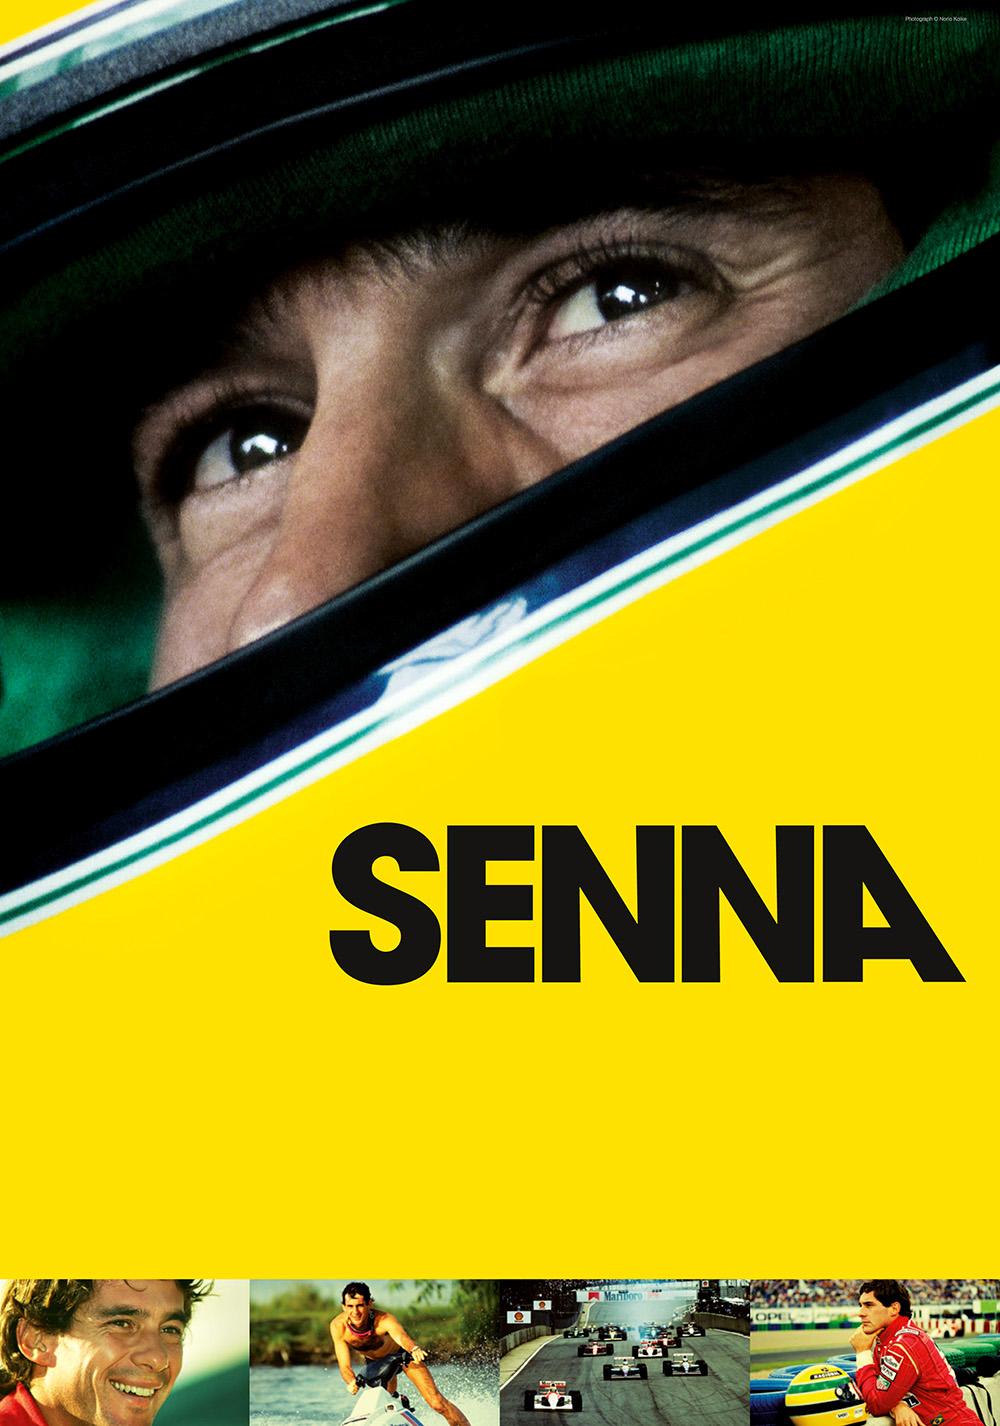 Senna (2010) 640Kbps 23Fps DD+ 6Ch TR NF Audio SHS